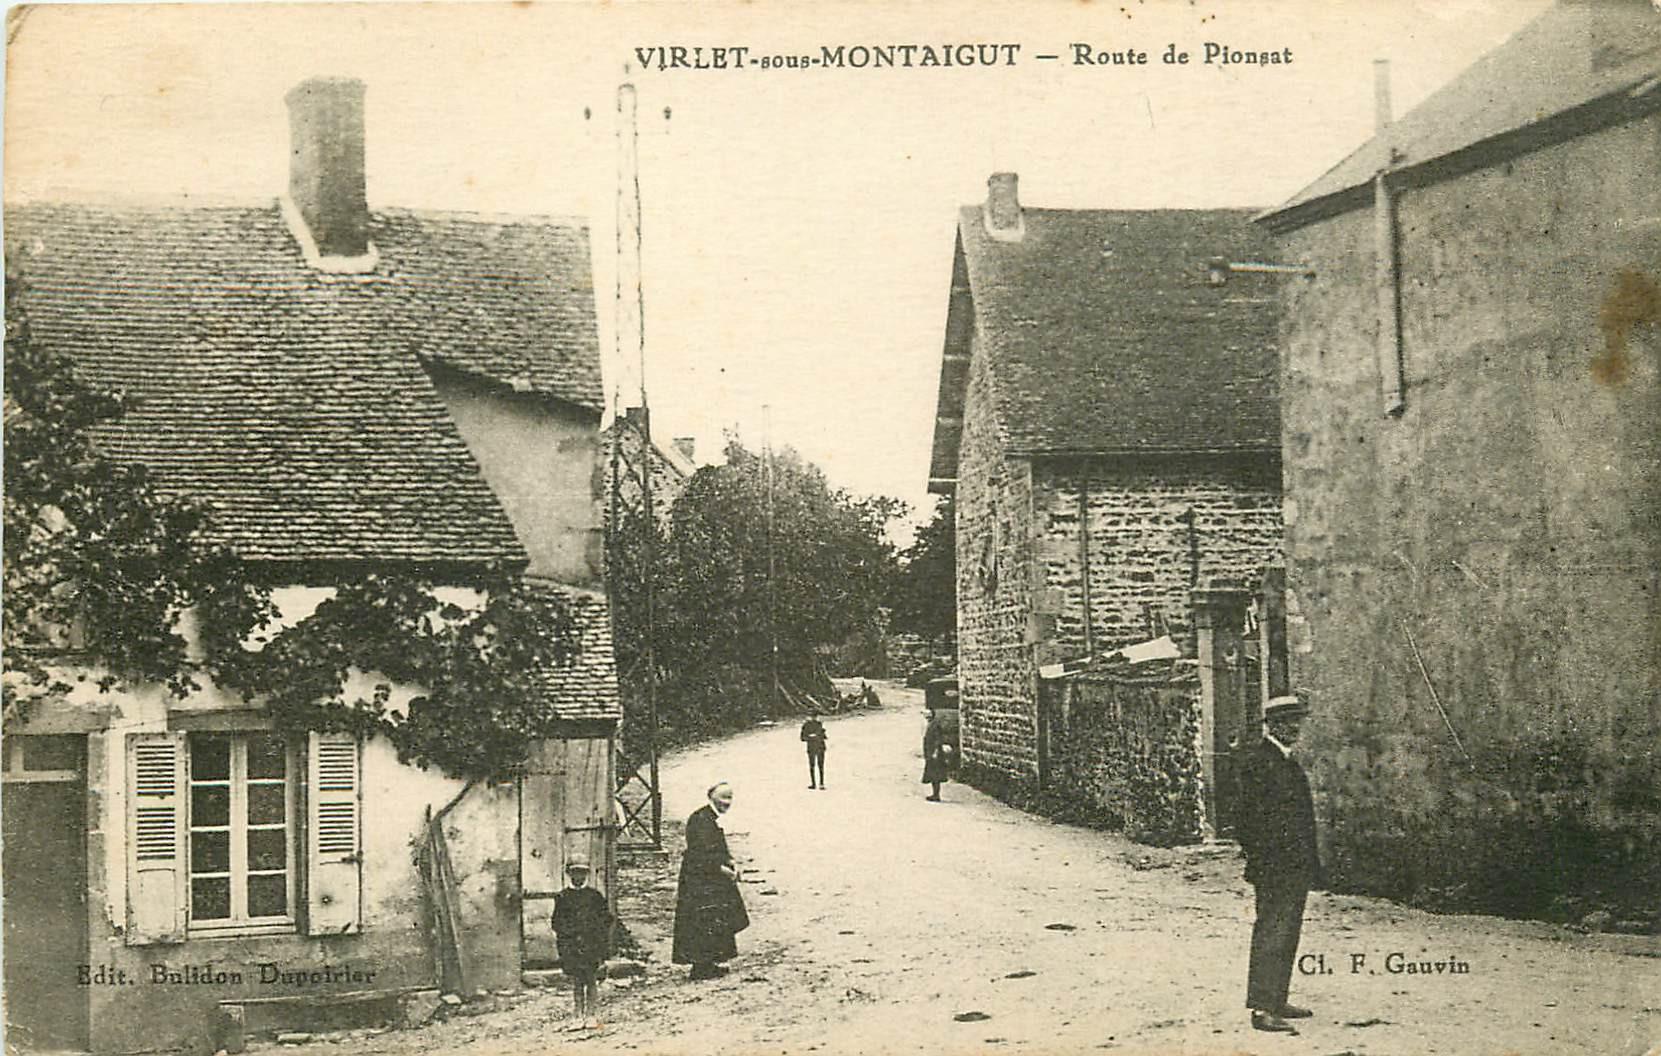 WW 63 VIRLET-SOUS-MONTAIGUT. Route de Pionsat